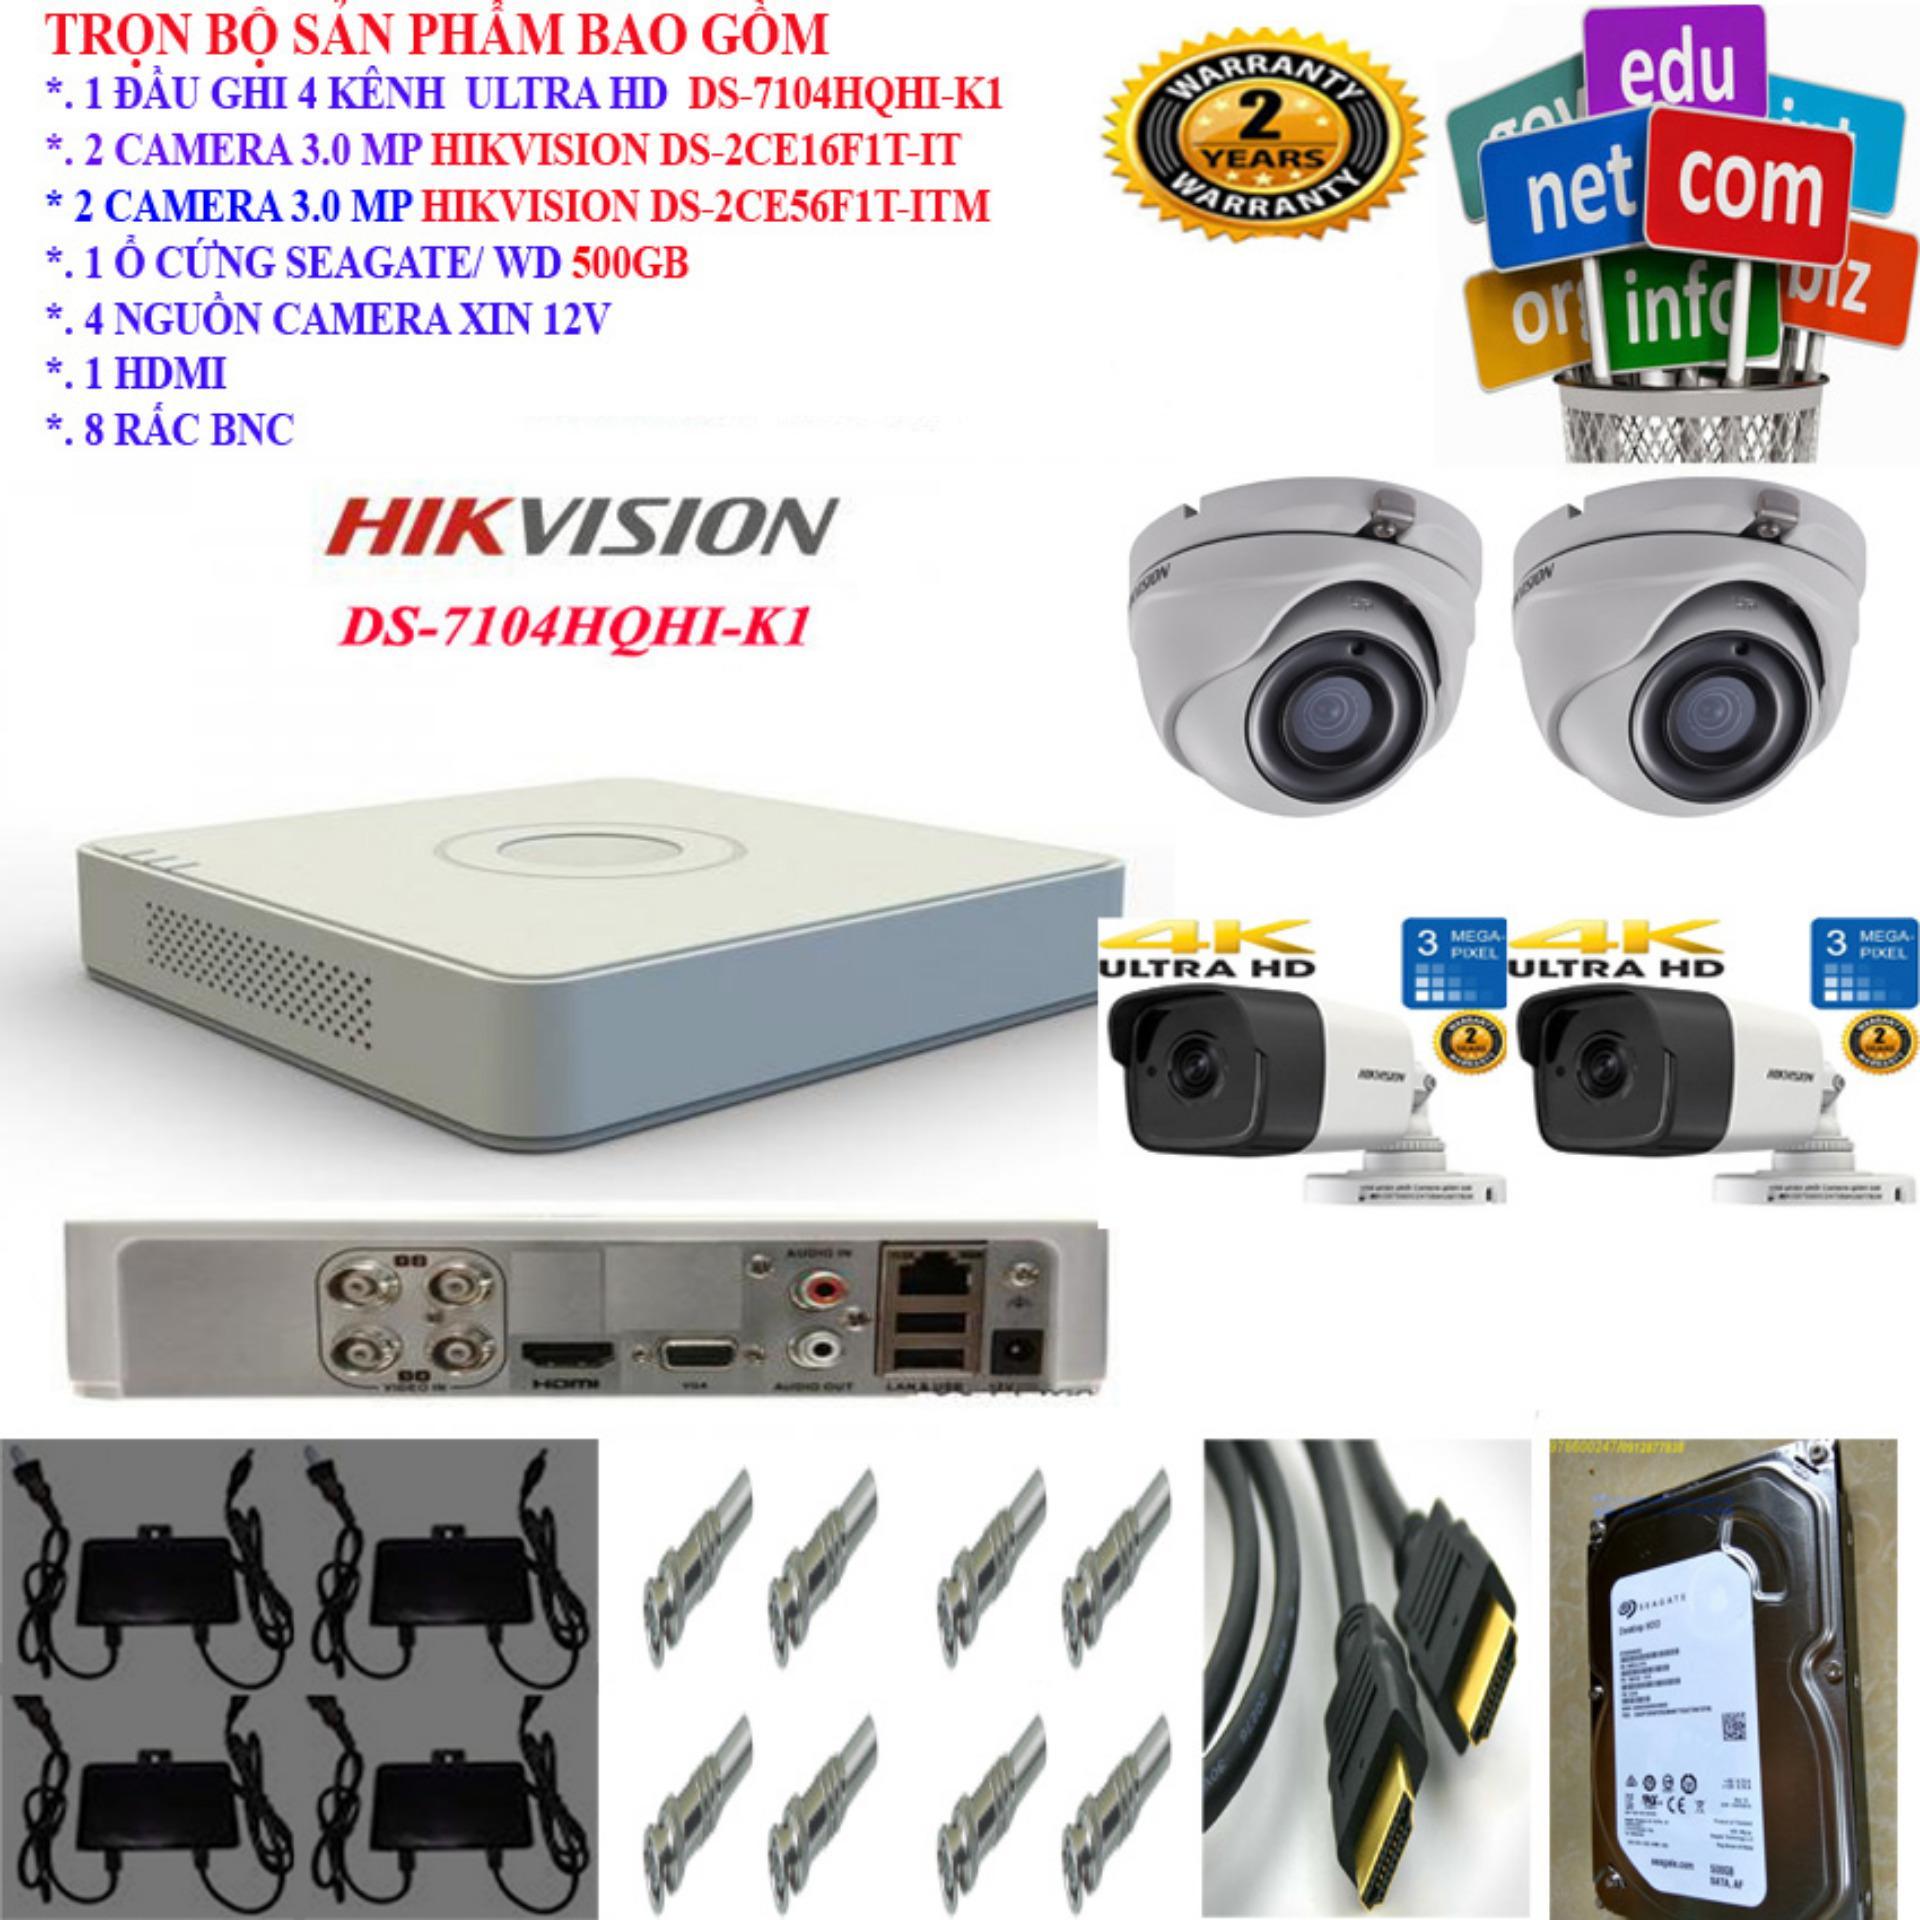 Bảng Giá Trọn bộ 4 Camera ULTRA HD 3 Megapixel và phụ kiện